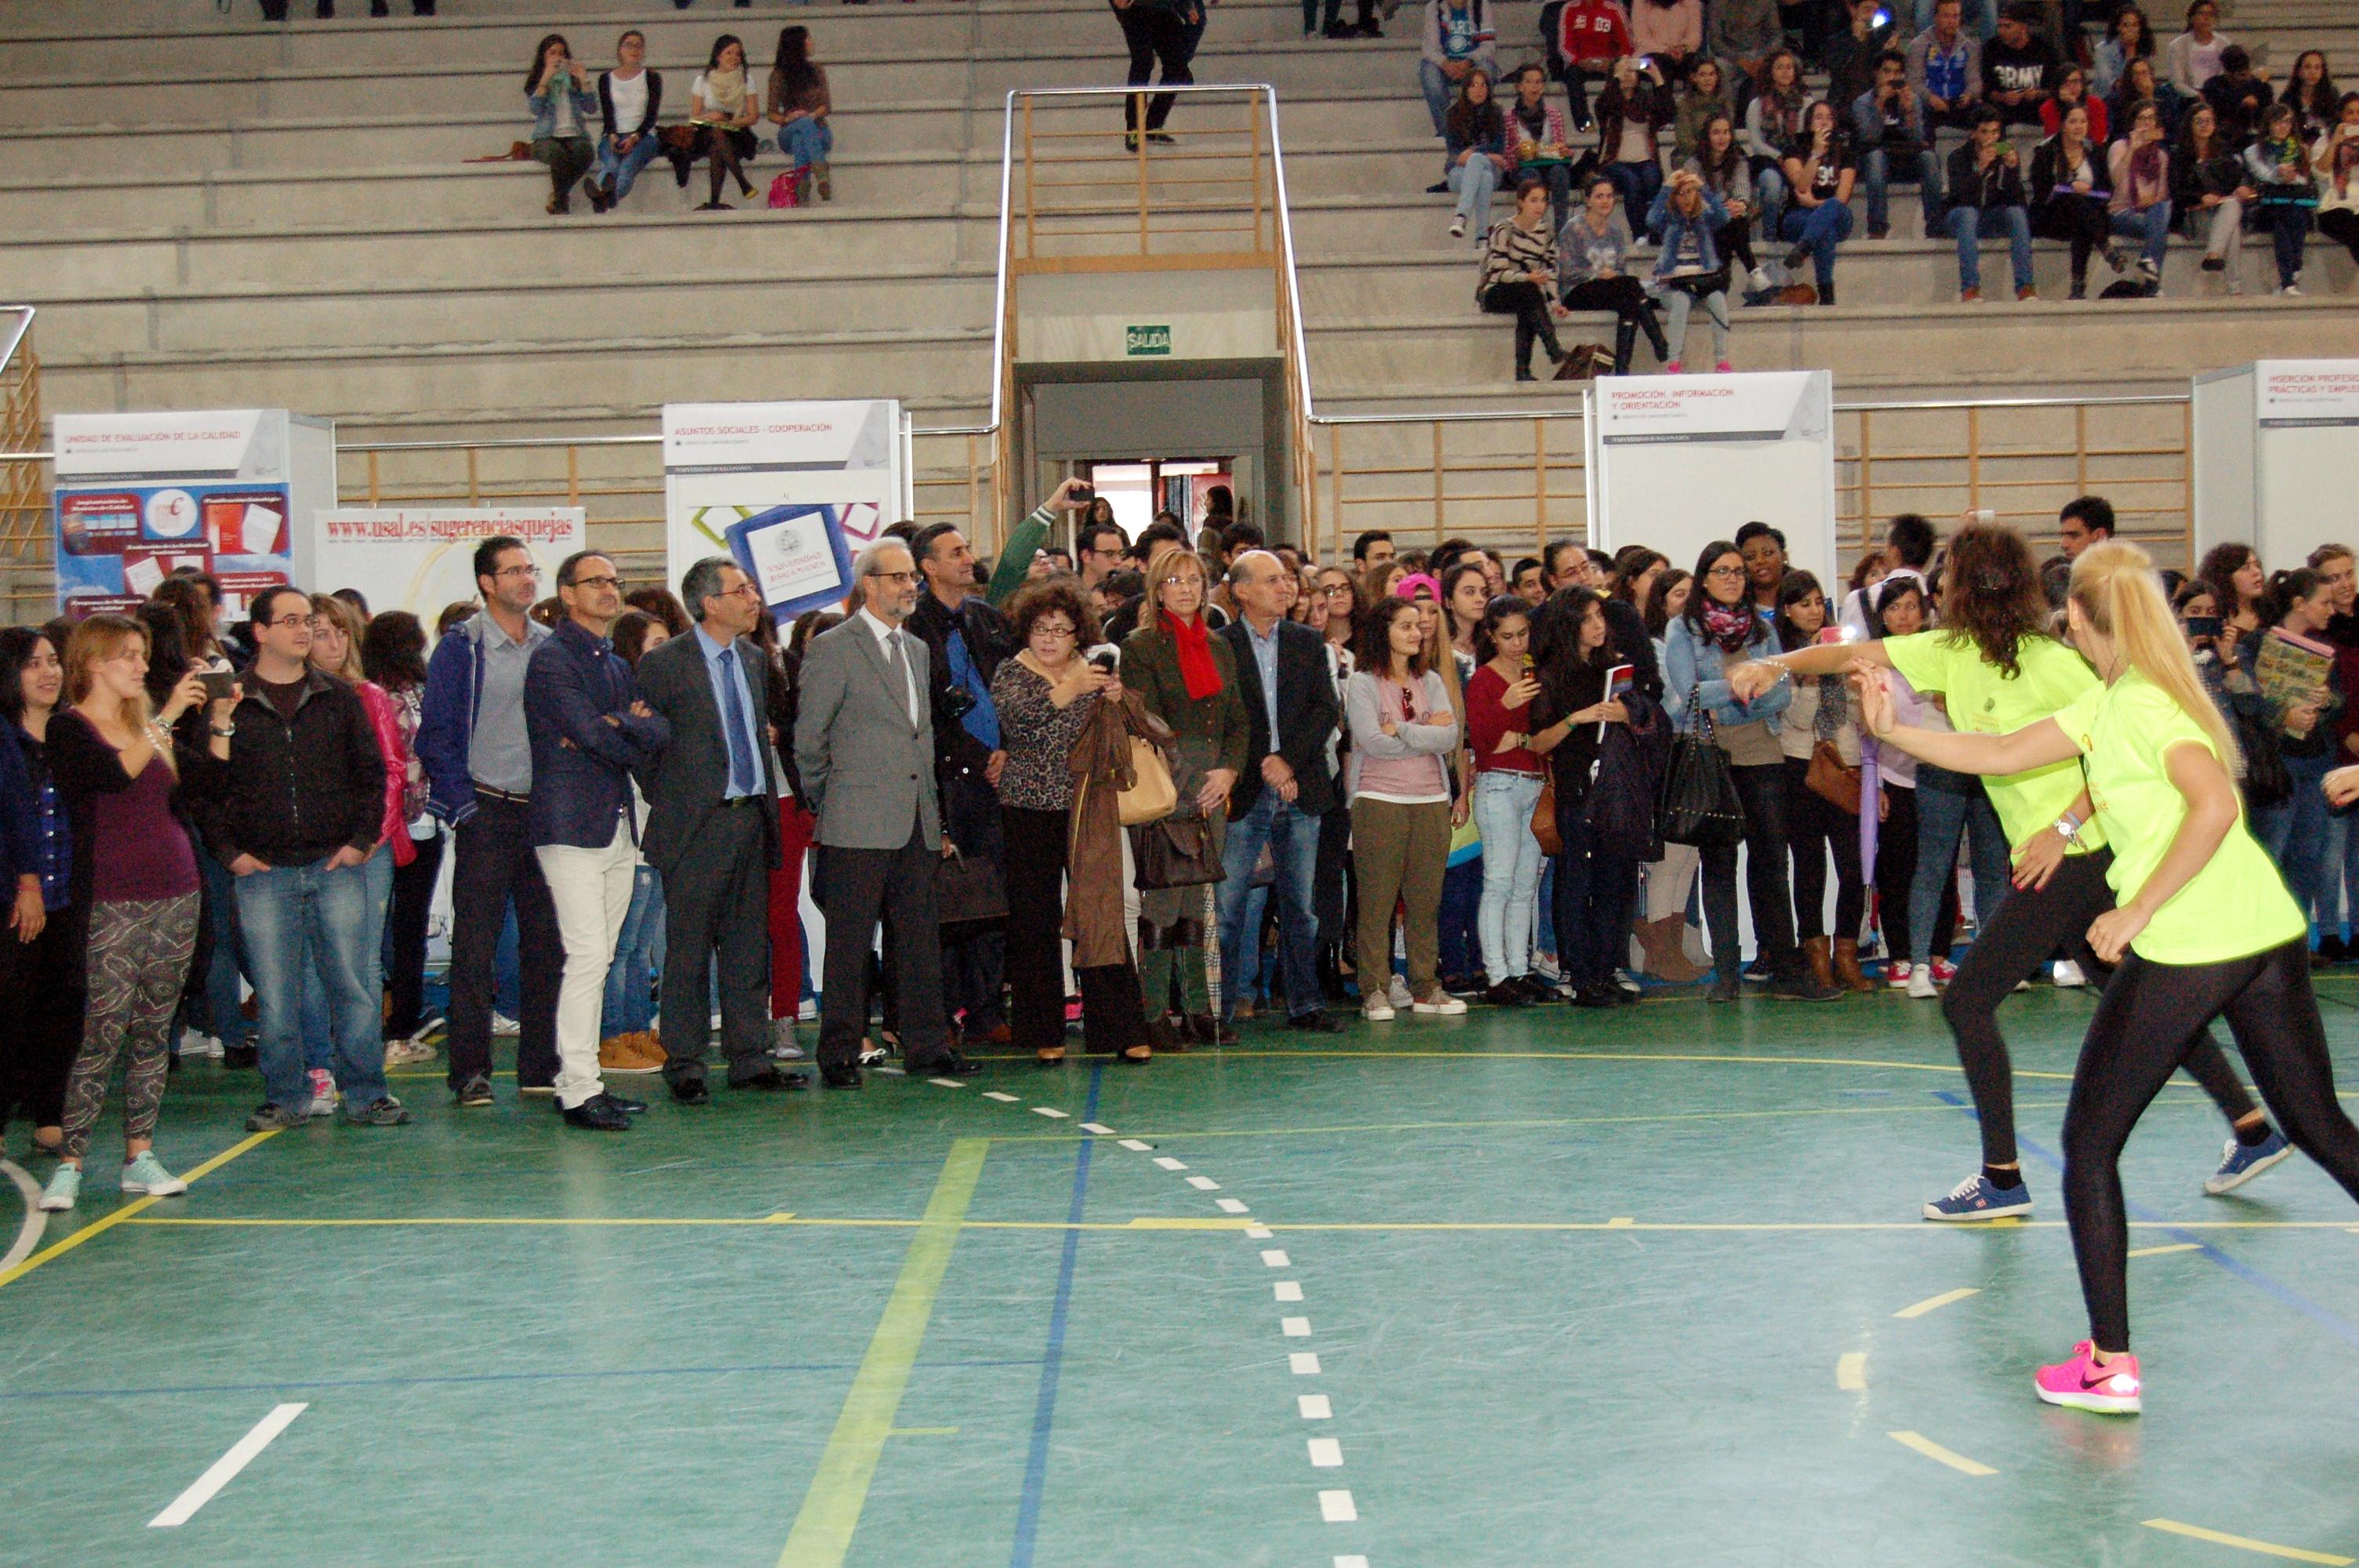 La Feria de Bienvenida del Campus de Zamora despierta gran interés entre los estudiantes